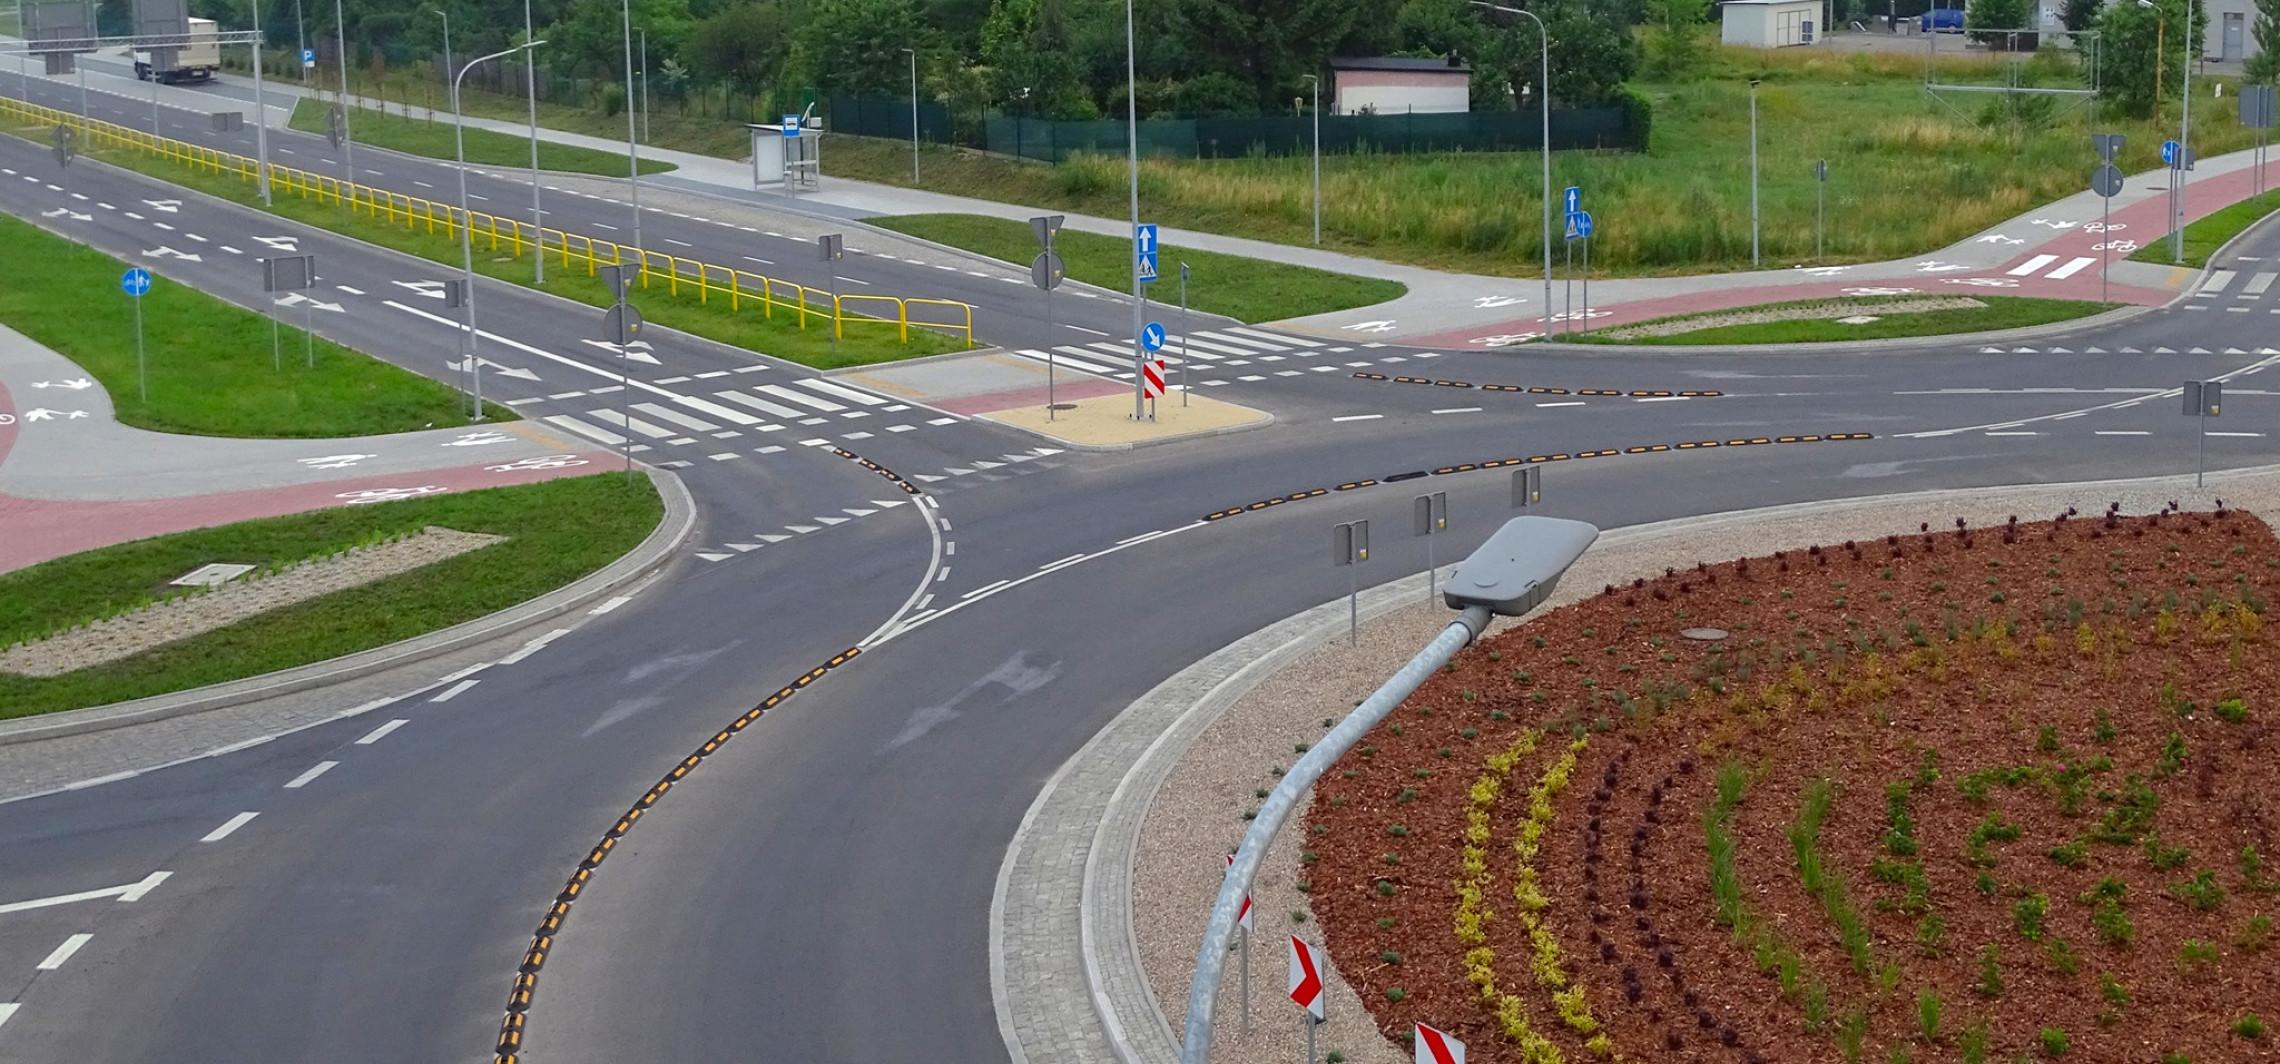 Inowrocław - Tak rondo turbinowe wygląda teraz z góry